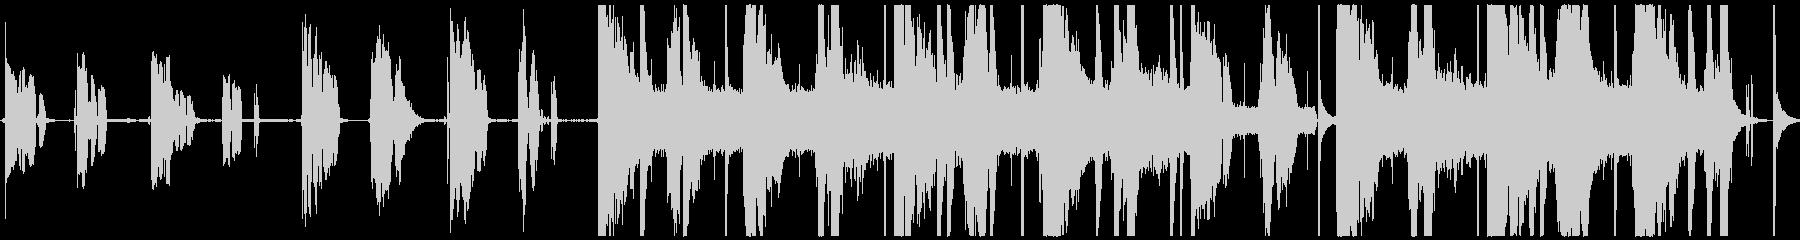 Voice(s)の未再生の波形